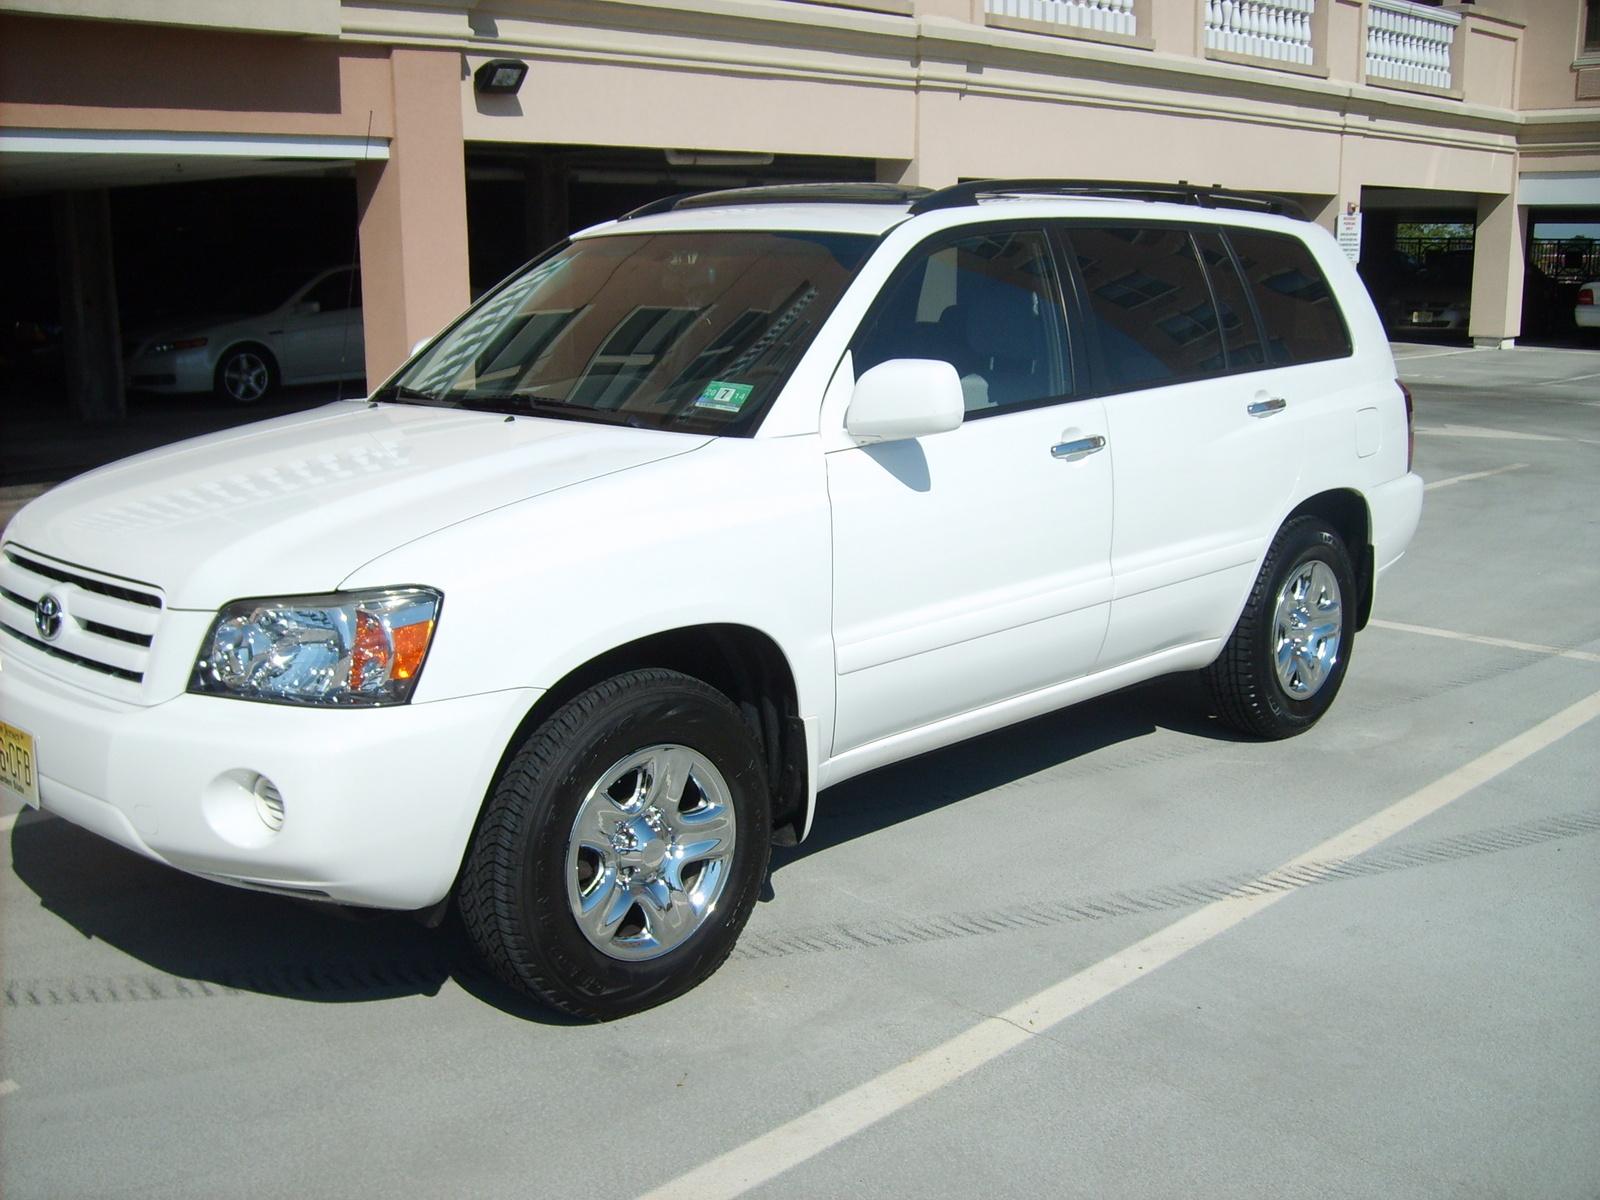 2004 Toyota Highlander Exterior Pictures Cargurus